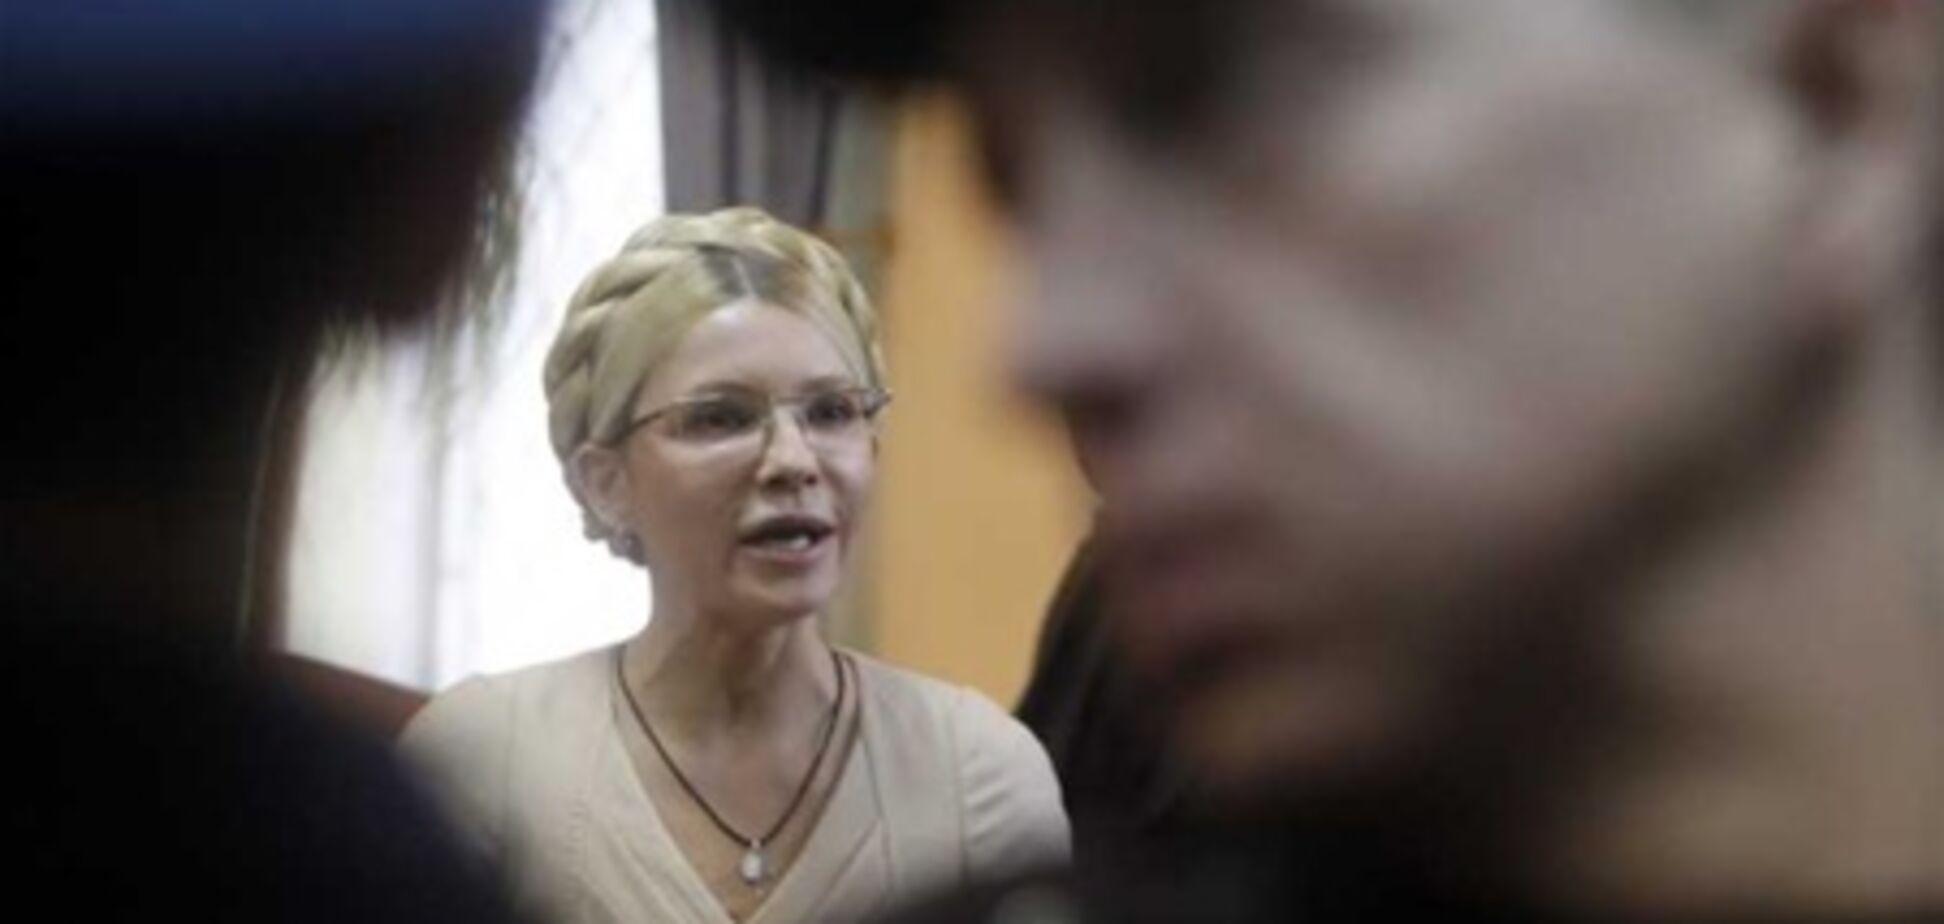 МОЗ прописав Тимошенко ходьбу, масаж і фізкультуру